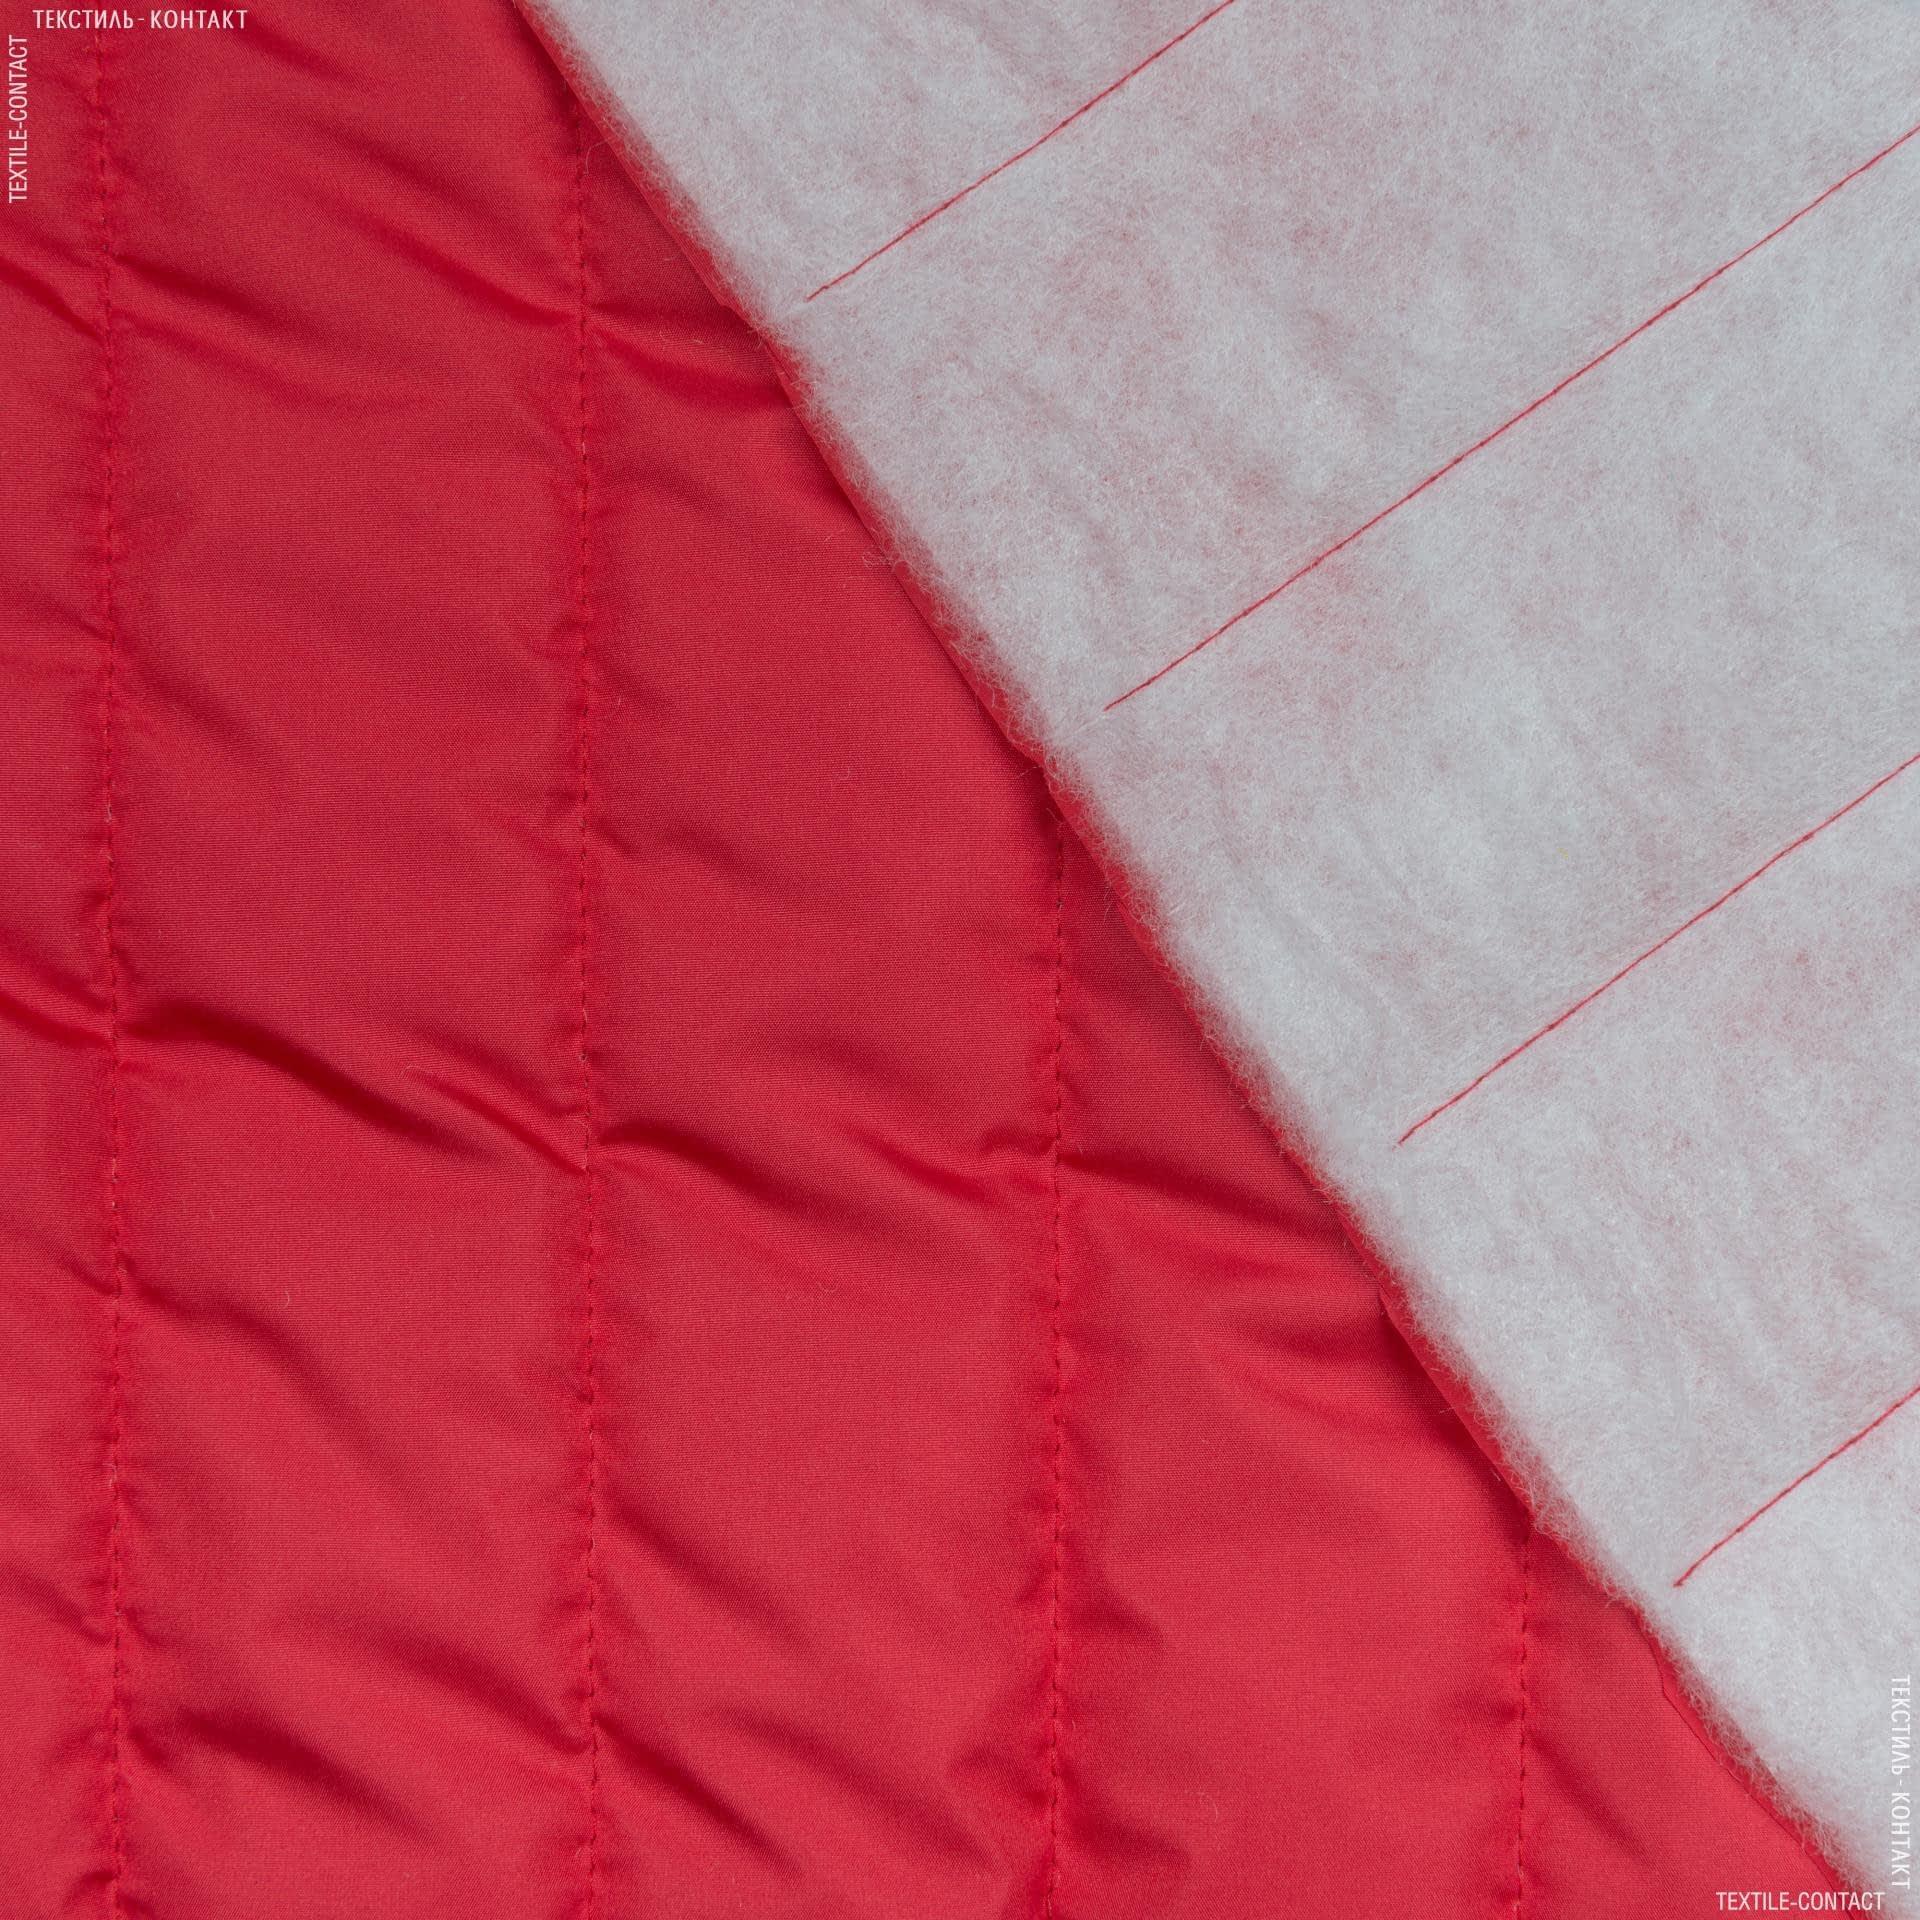 Тканини для верхнього одягу - Плащова фортуна стьобана з синтепоном червоний